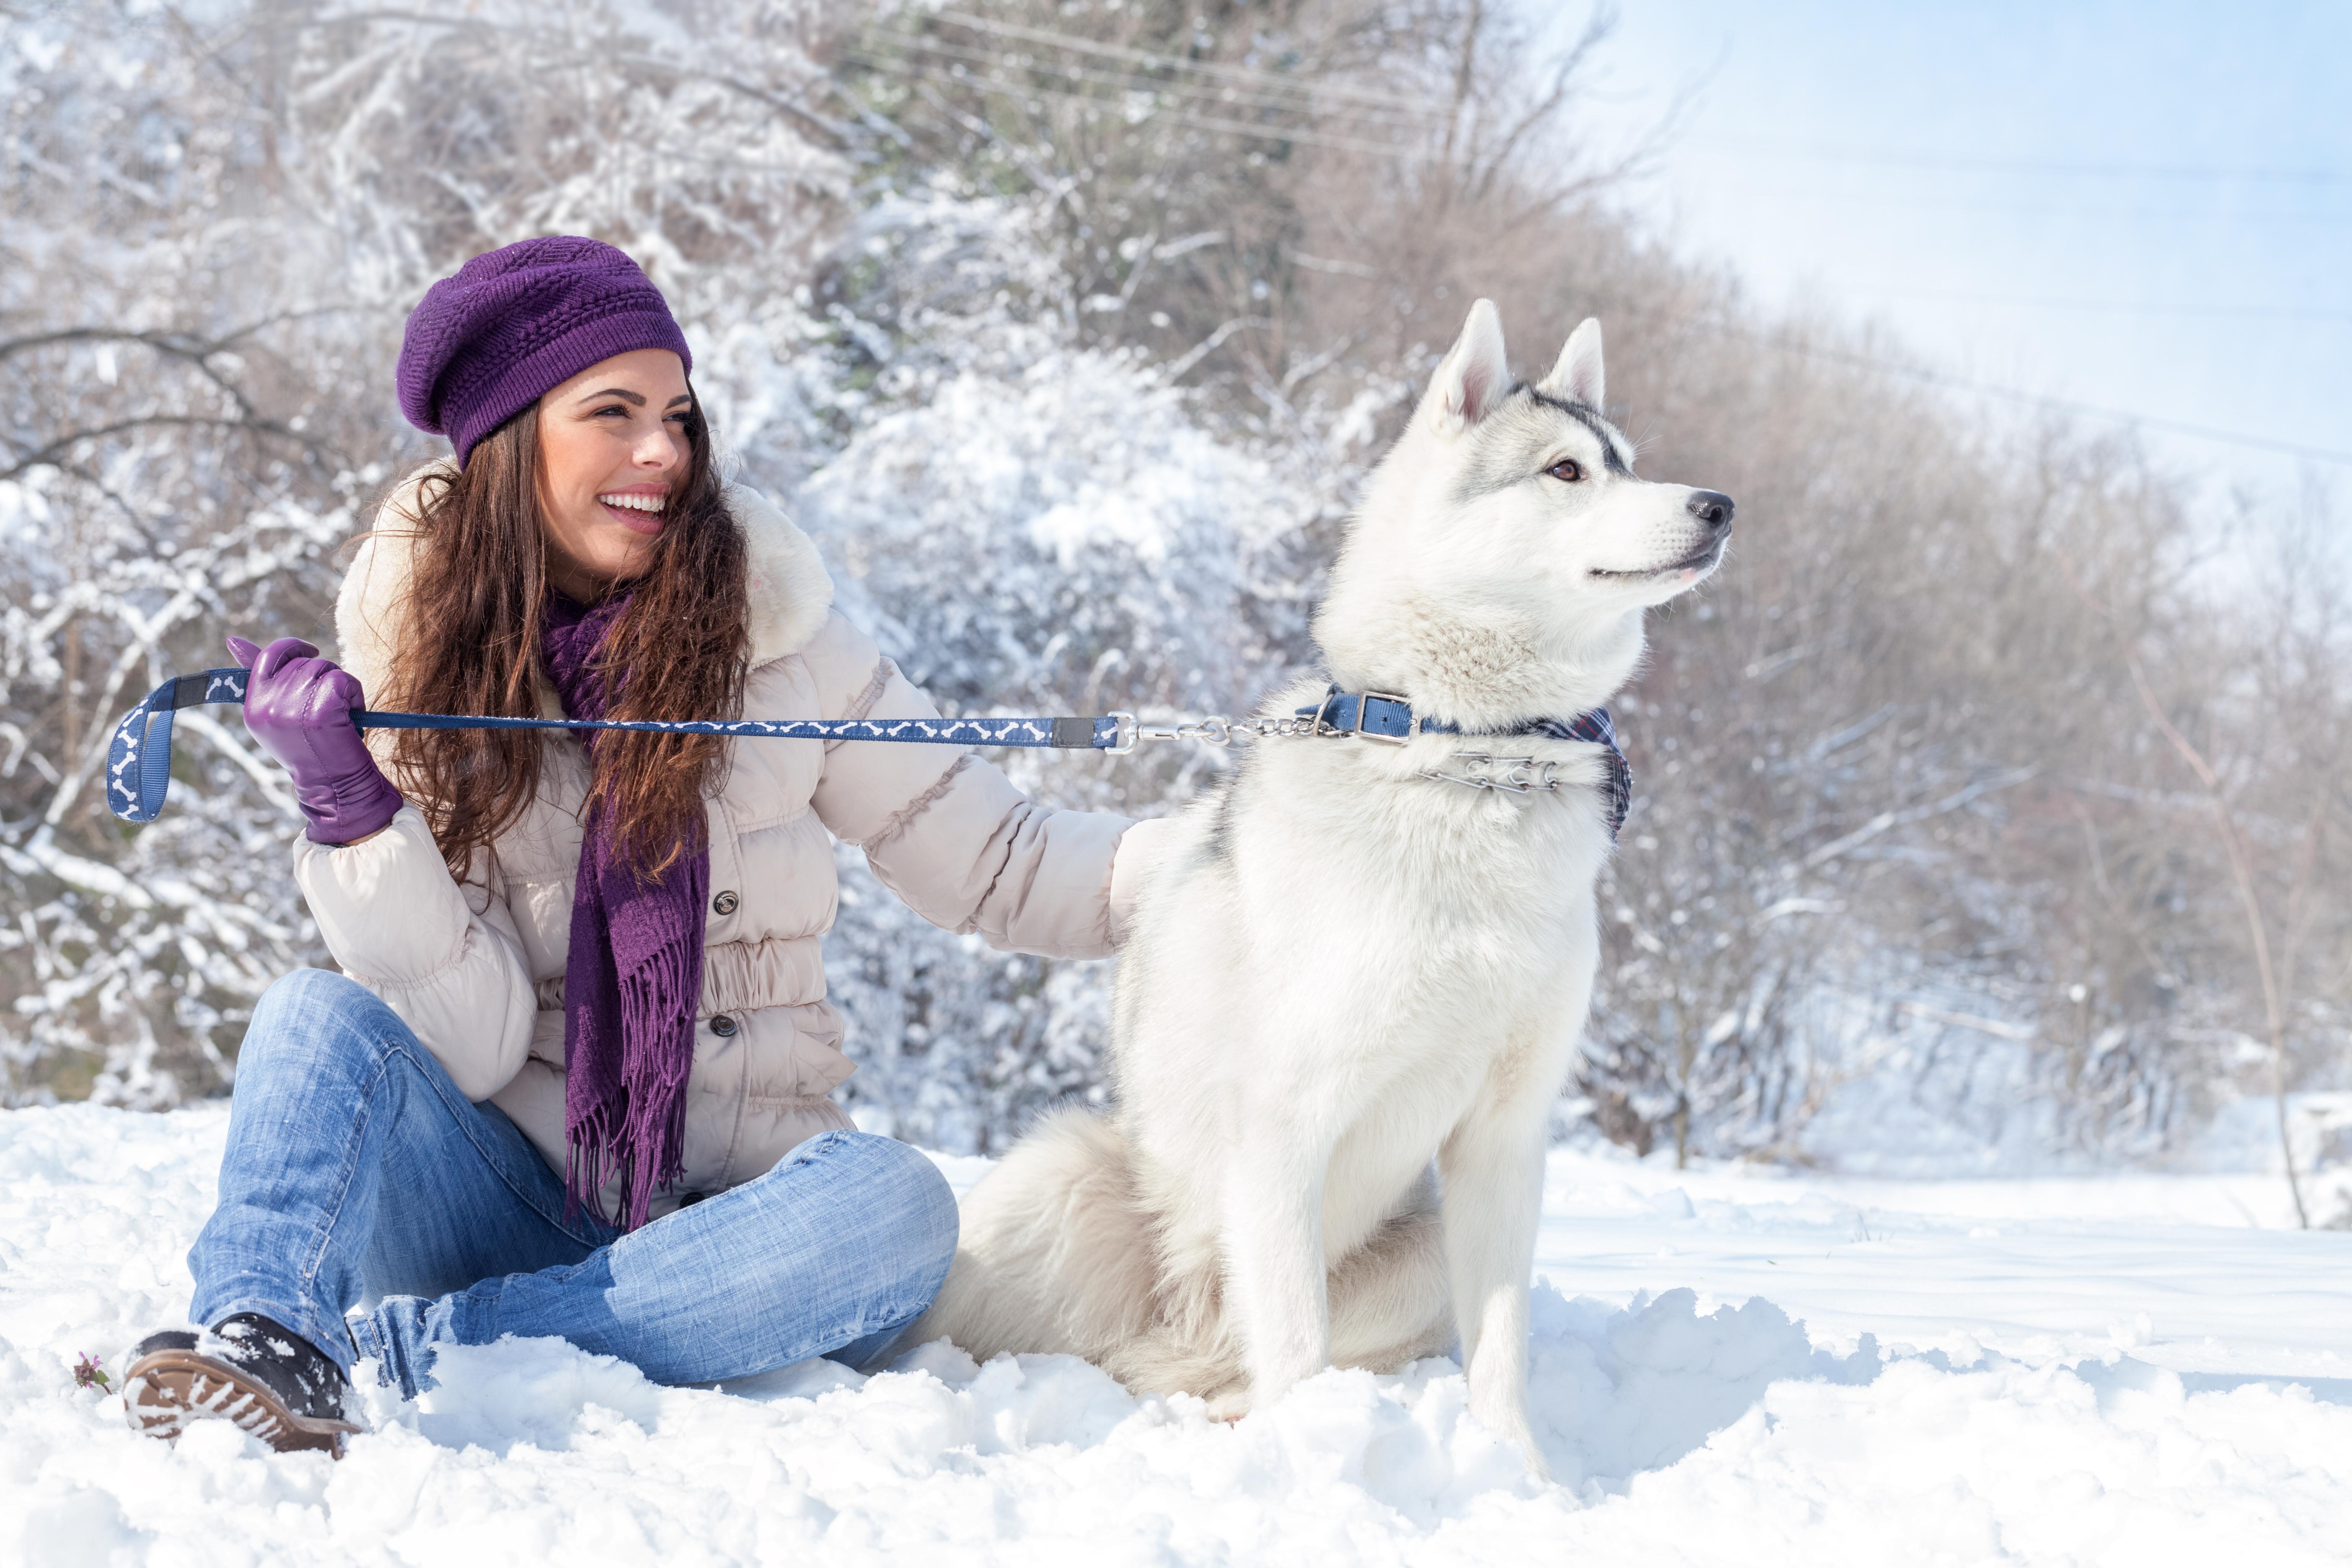 Фото девушек на фоне зимы 13 фотография